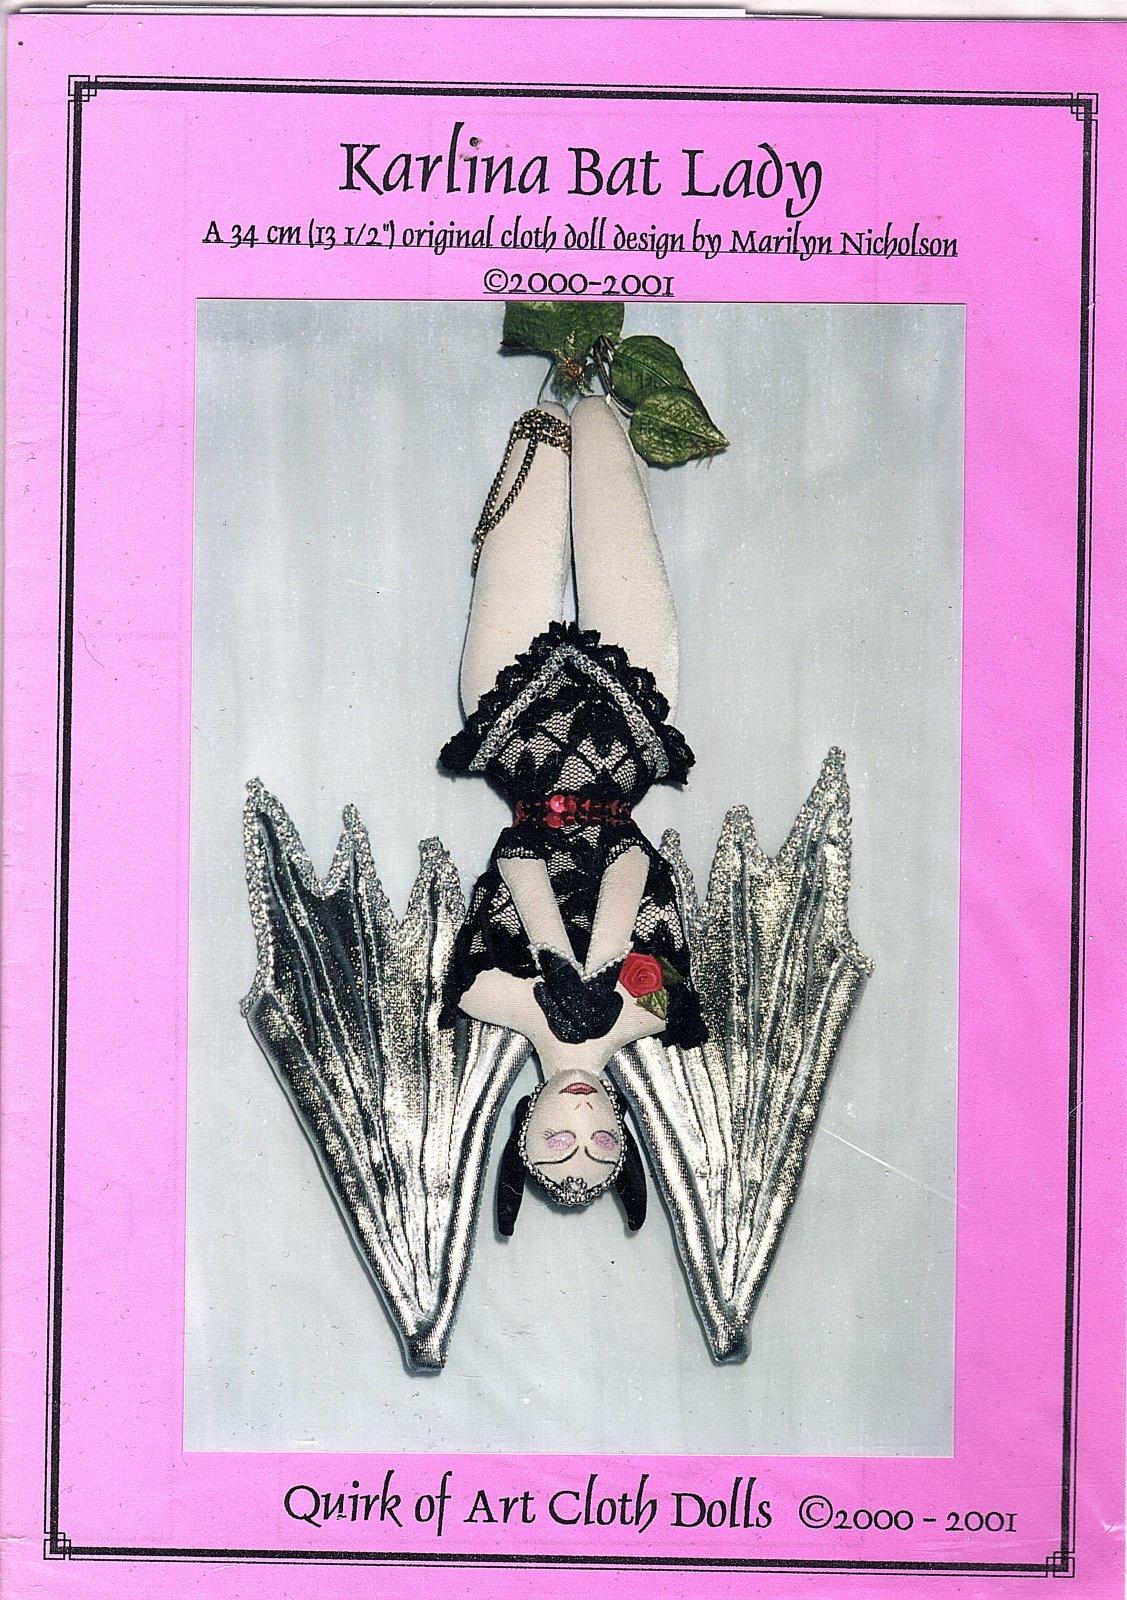 Karlina Bat Lady - A 13 1/2 original Doll Design by Marilyn Nicholson